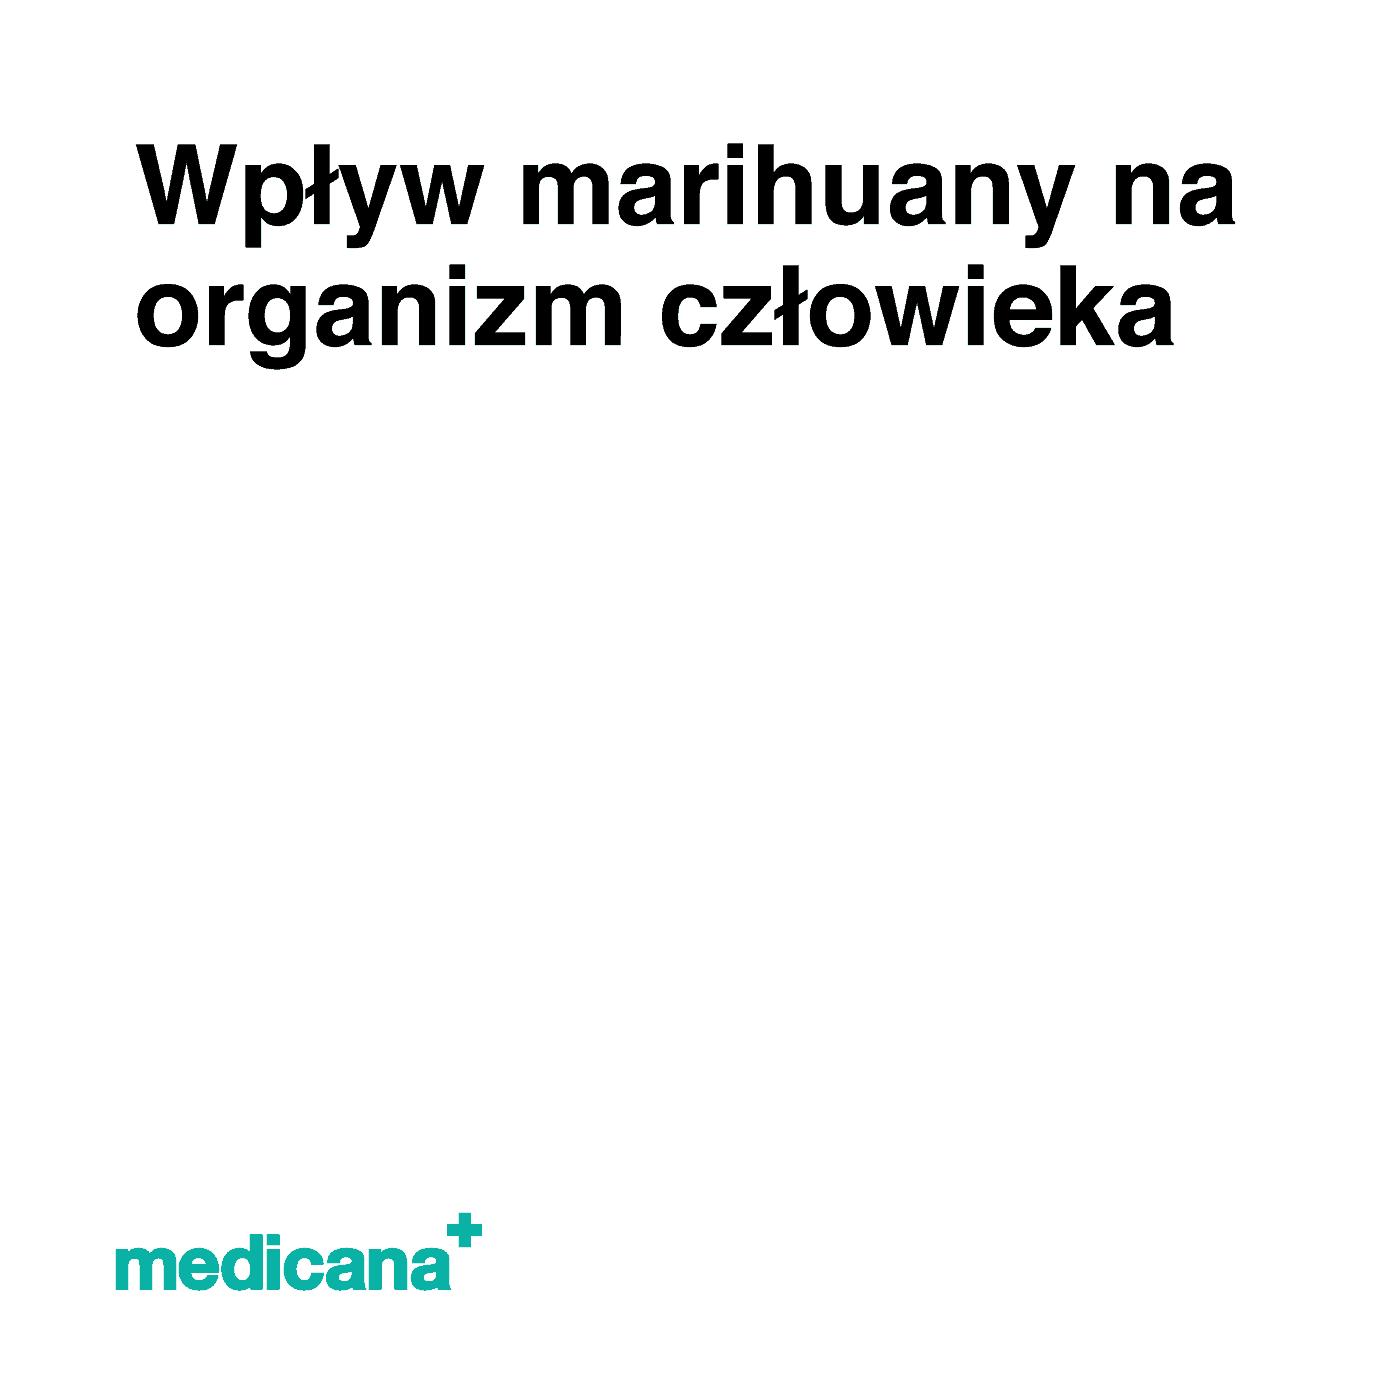 """Biała grafika z czarnym napisem """"Wpływ marihuany na organizm człowieka"""" oraz zielonym logo Medicana w lewym dolnym rogu."""